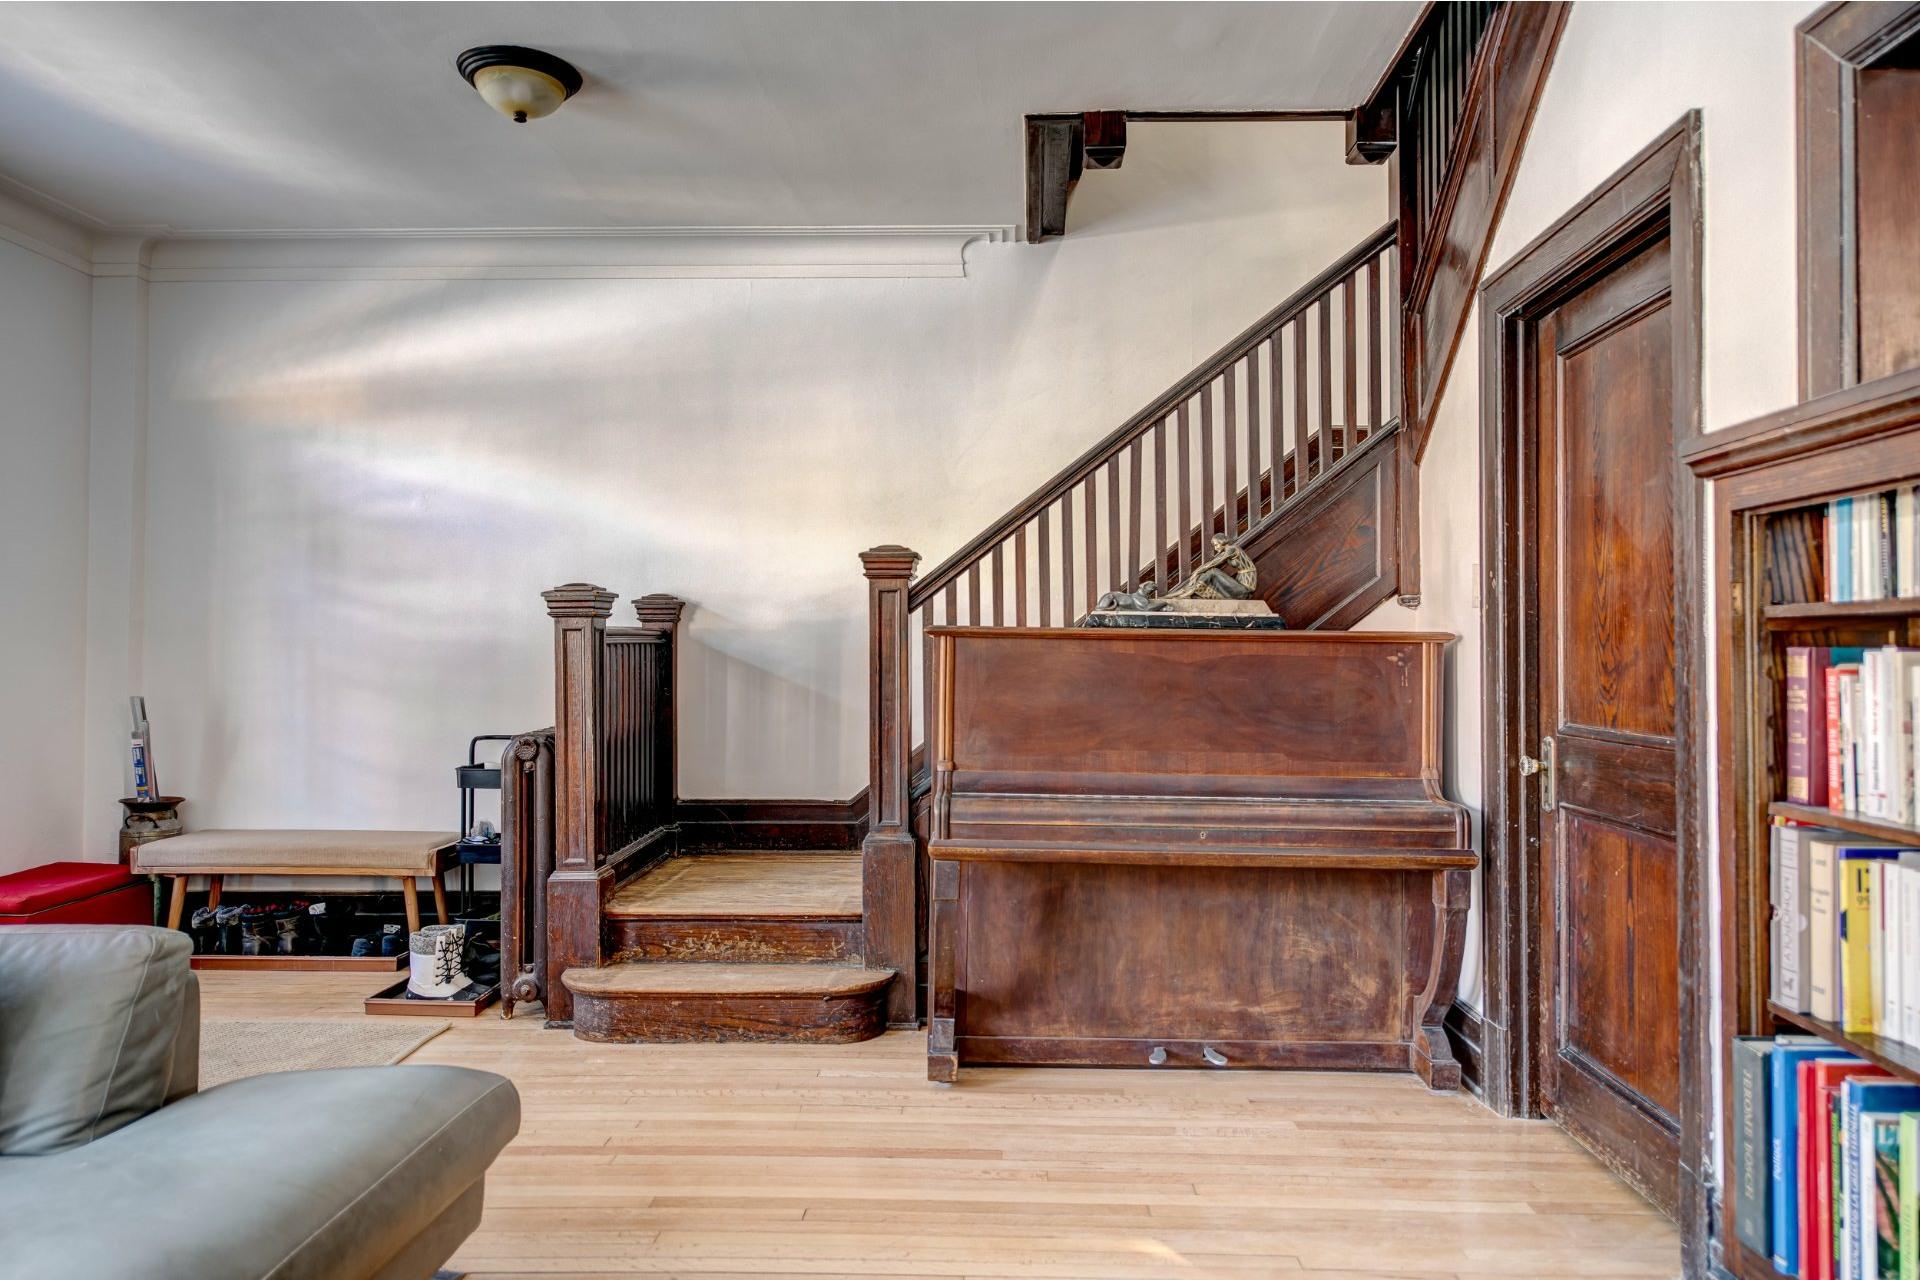 image 9 - House For sale Côte-des-Neiges/Notre-Dame-de-Grâce Montréal  - 10 rooms